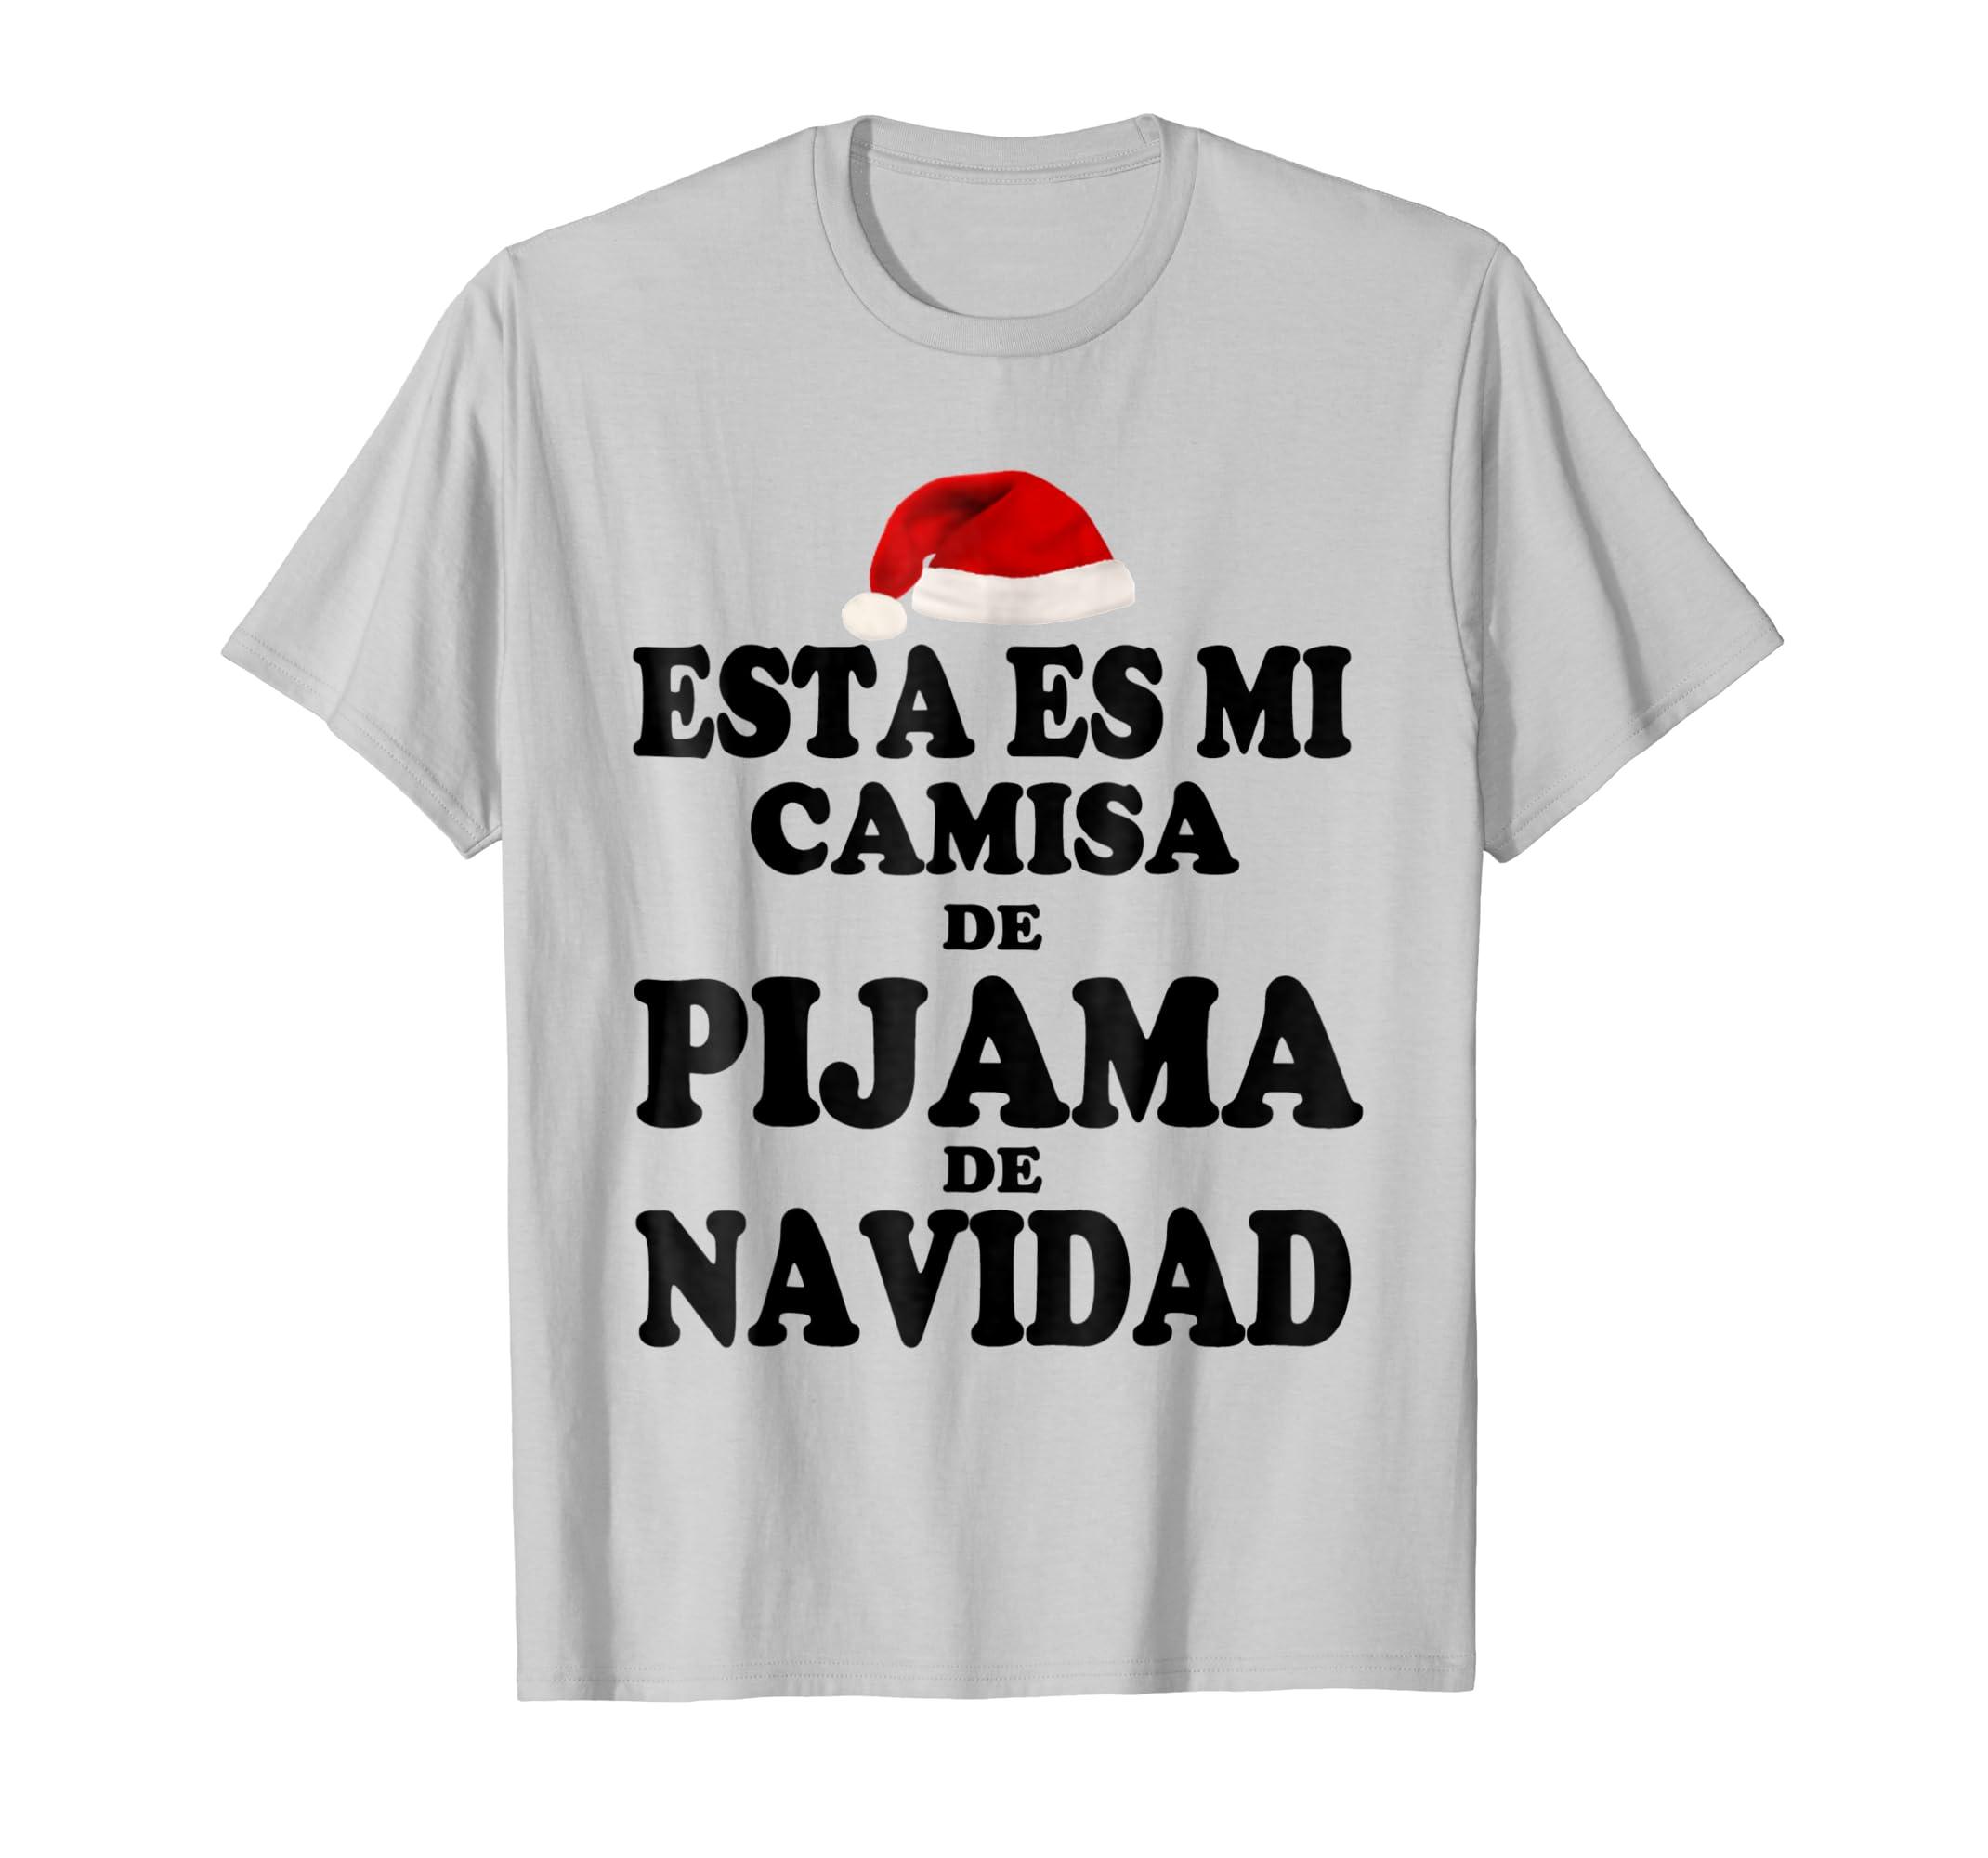 Amazon.com: Esta Es Mi Pijama De Navidad Camiseta De Navidad Xmas TShirt: Clothing